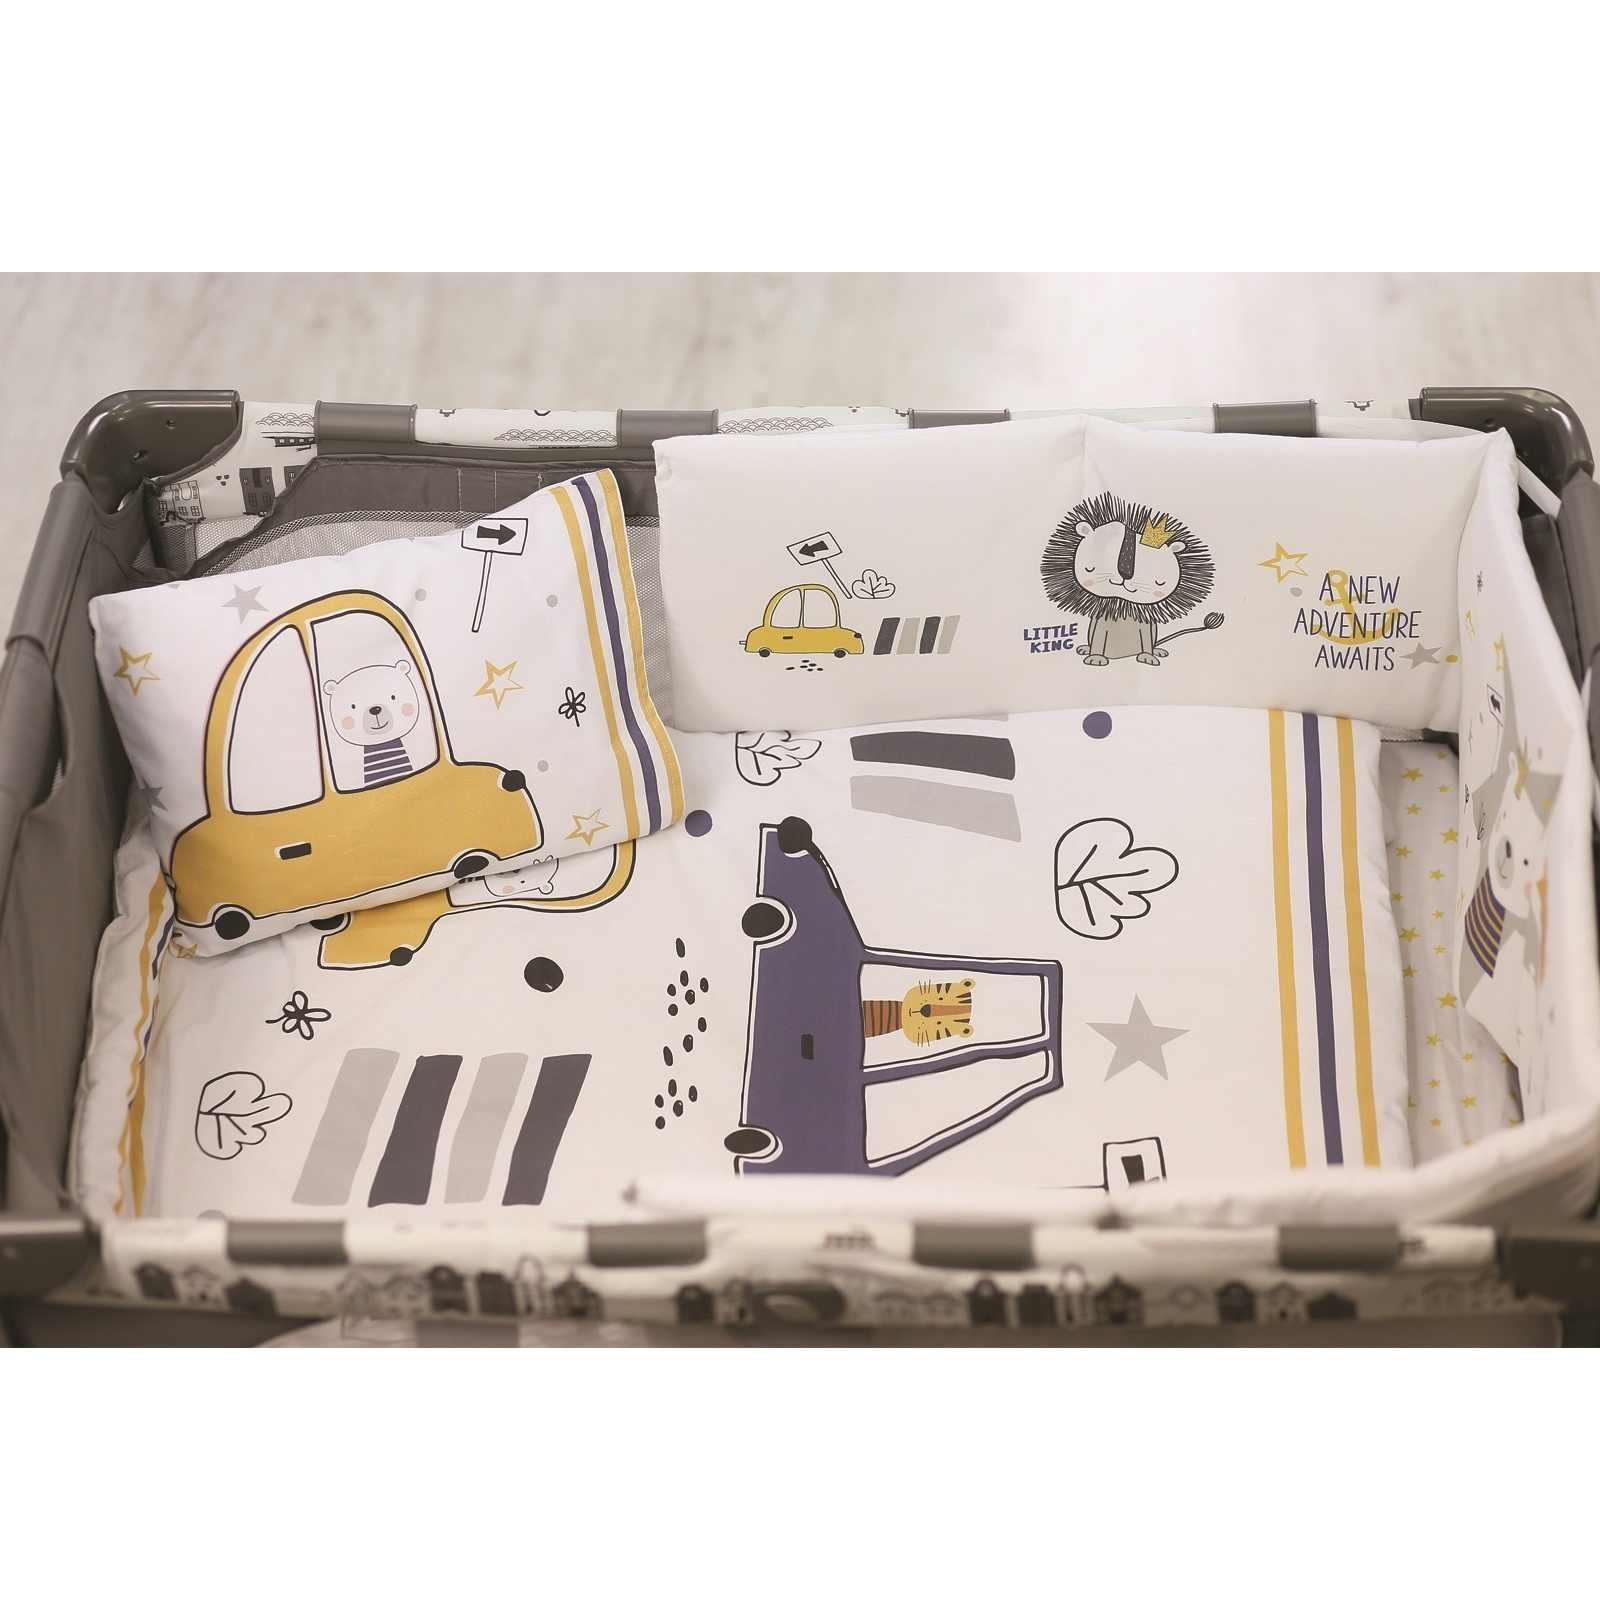 Ebebek apomena coche de viaje cuna cama dormir cubierta 5 uds conjunto